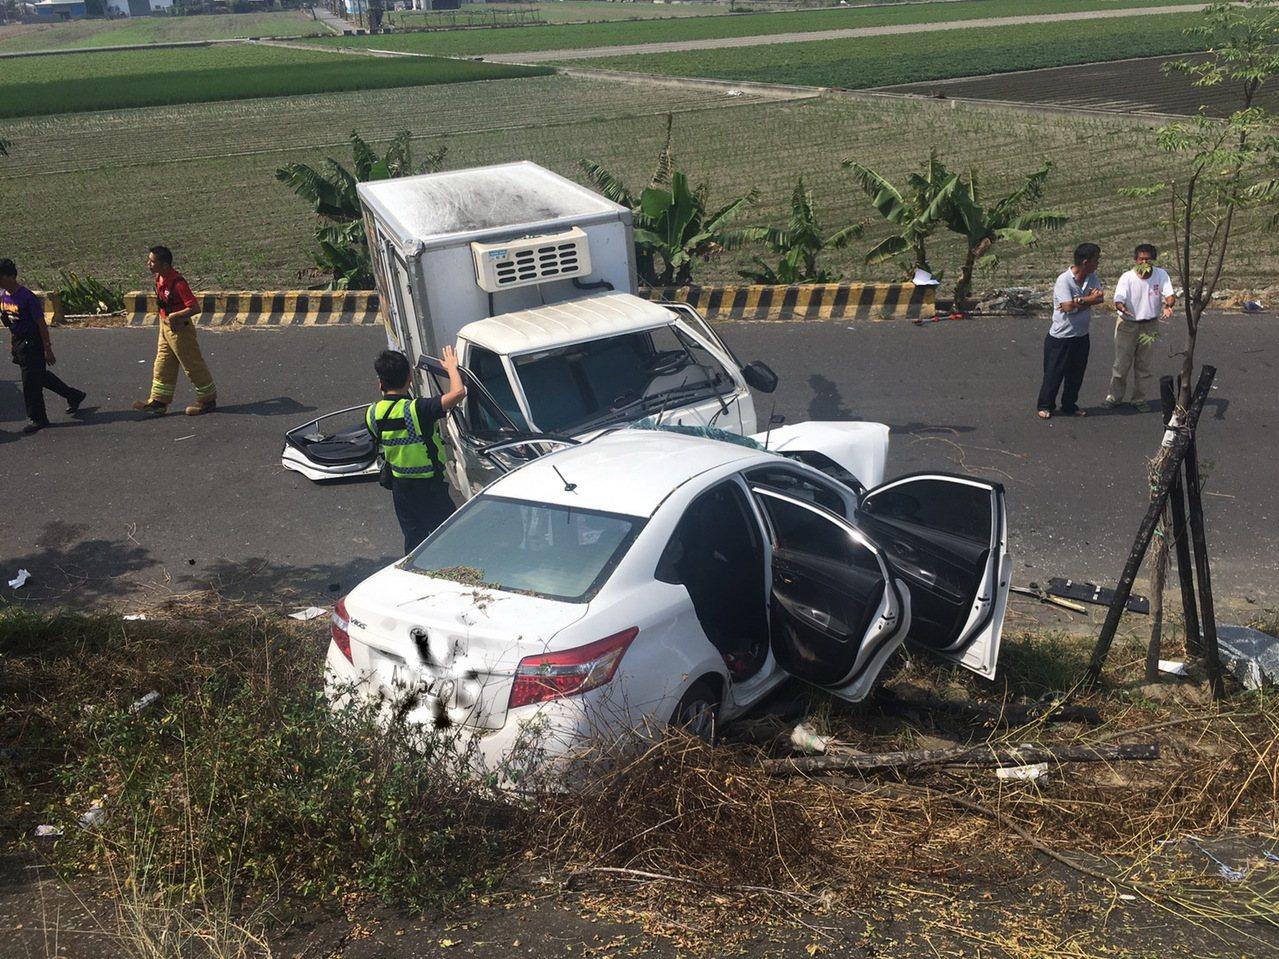 兩車對撞,轎車被推到堤防邊坡上,造成兩車共8人受傷。記者蔡維斌/翻攝